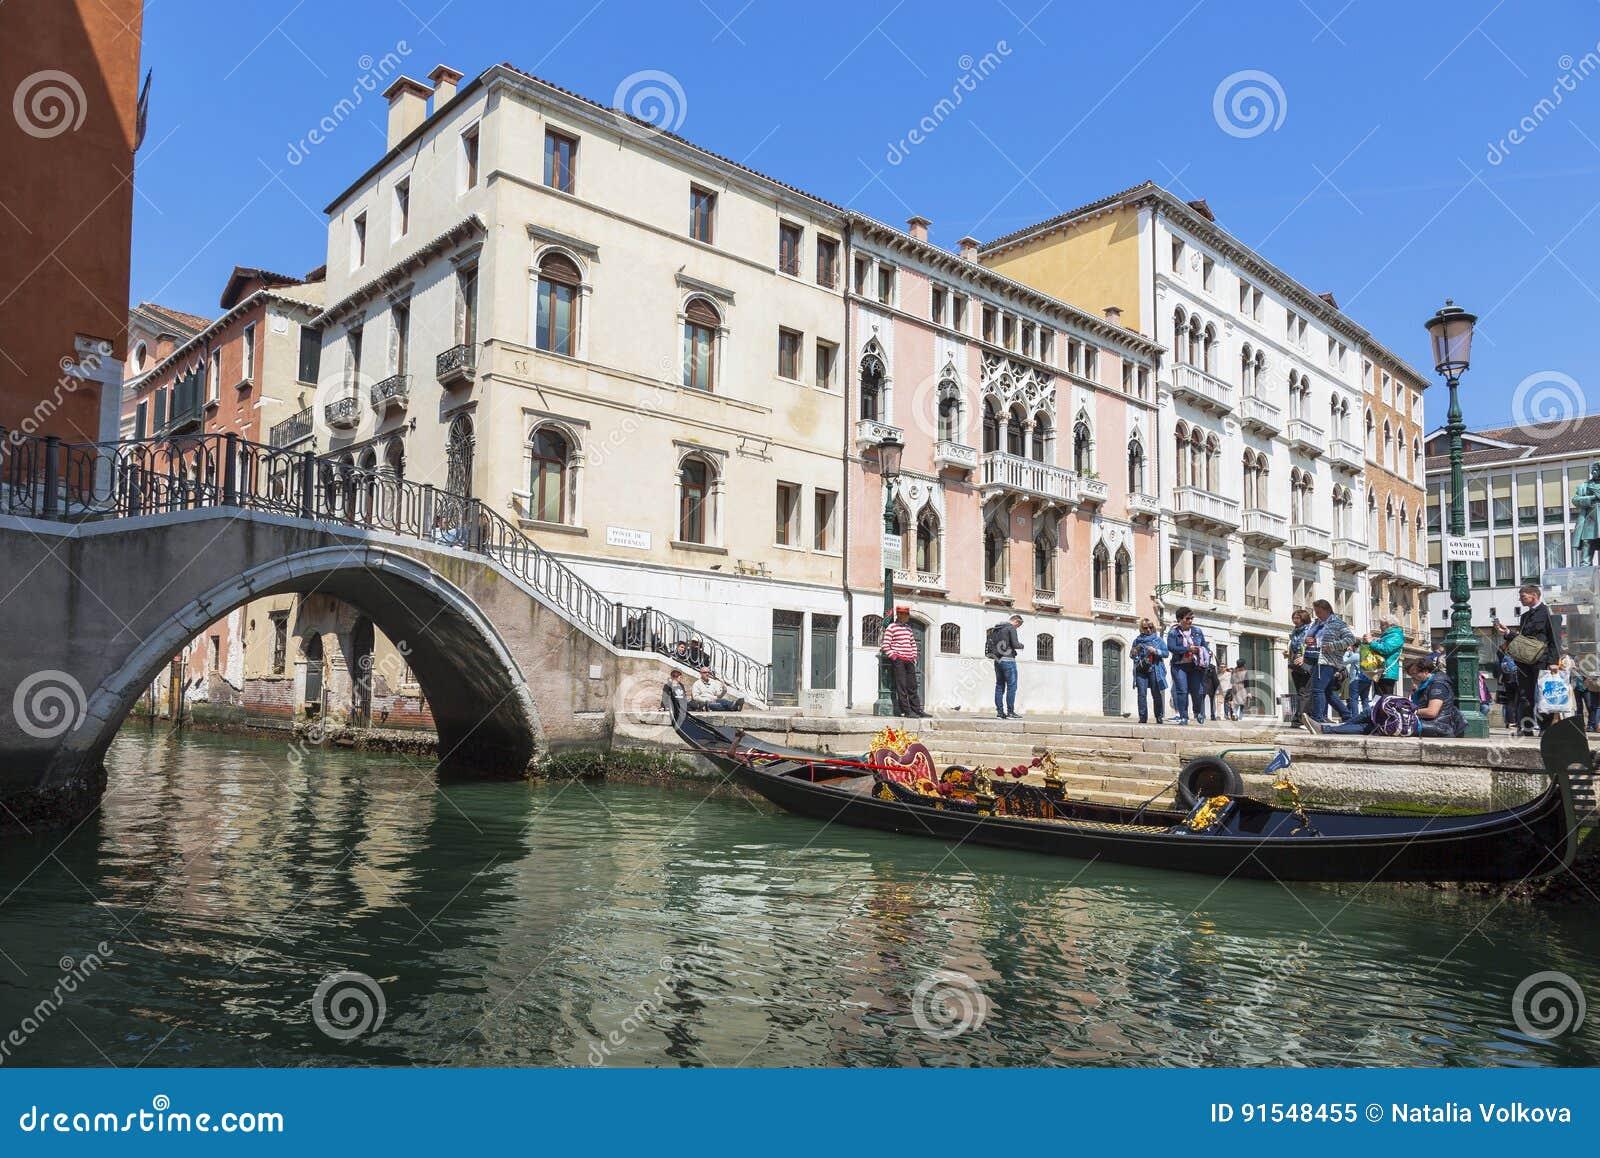 Veneza Paisagem urbana com canal, ponte, gôndola, turistas